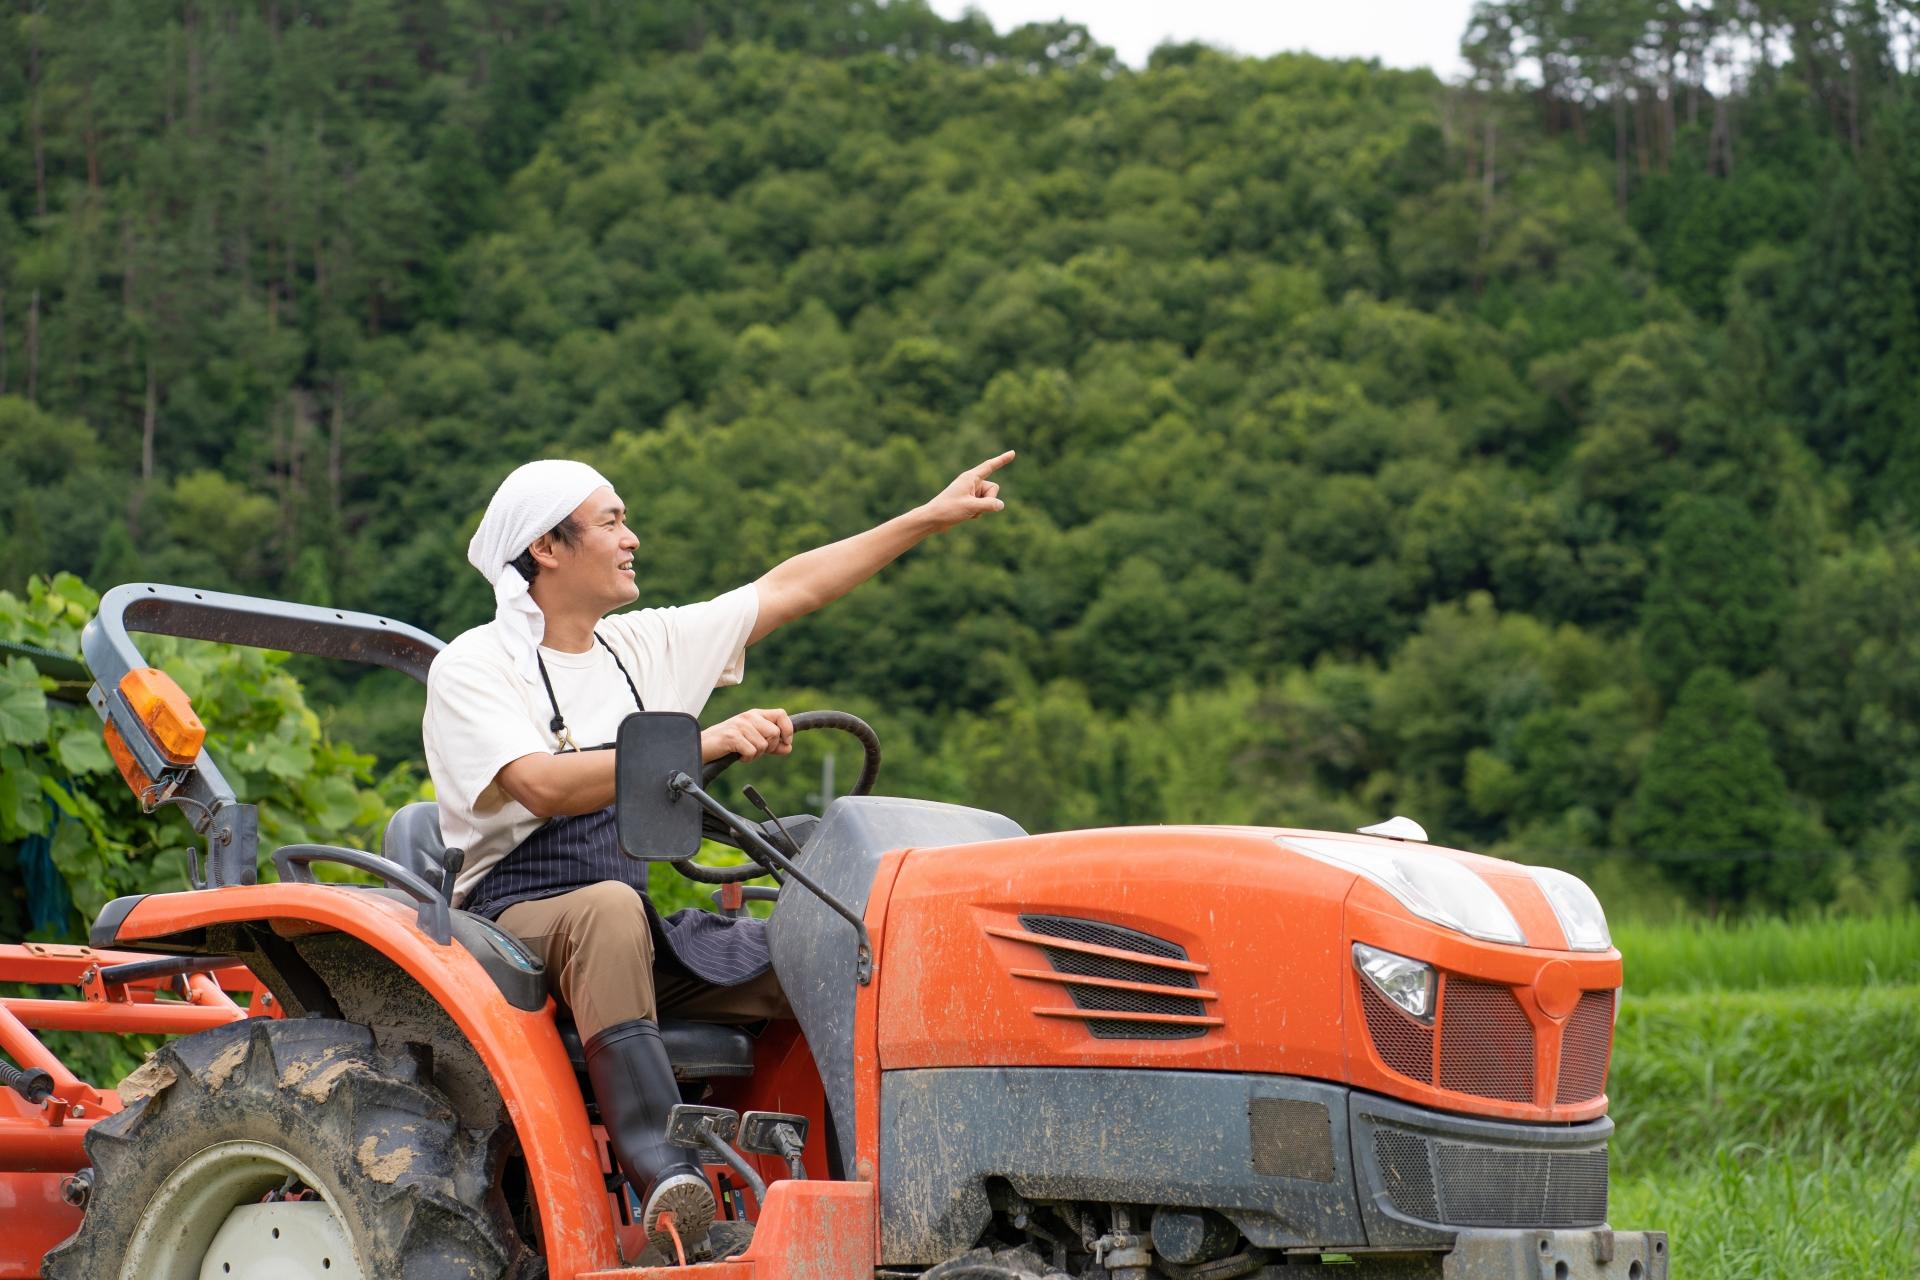 トラクターに乗った男性が指をさしている